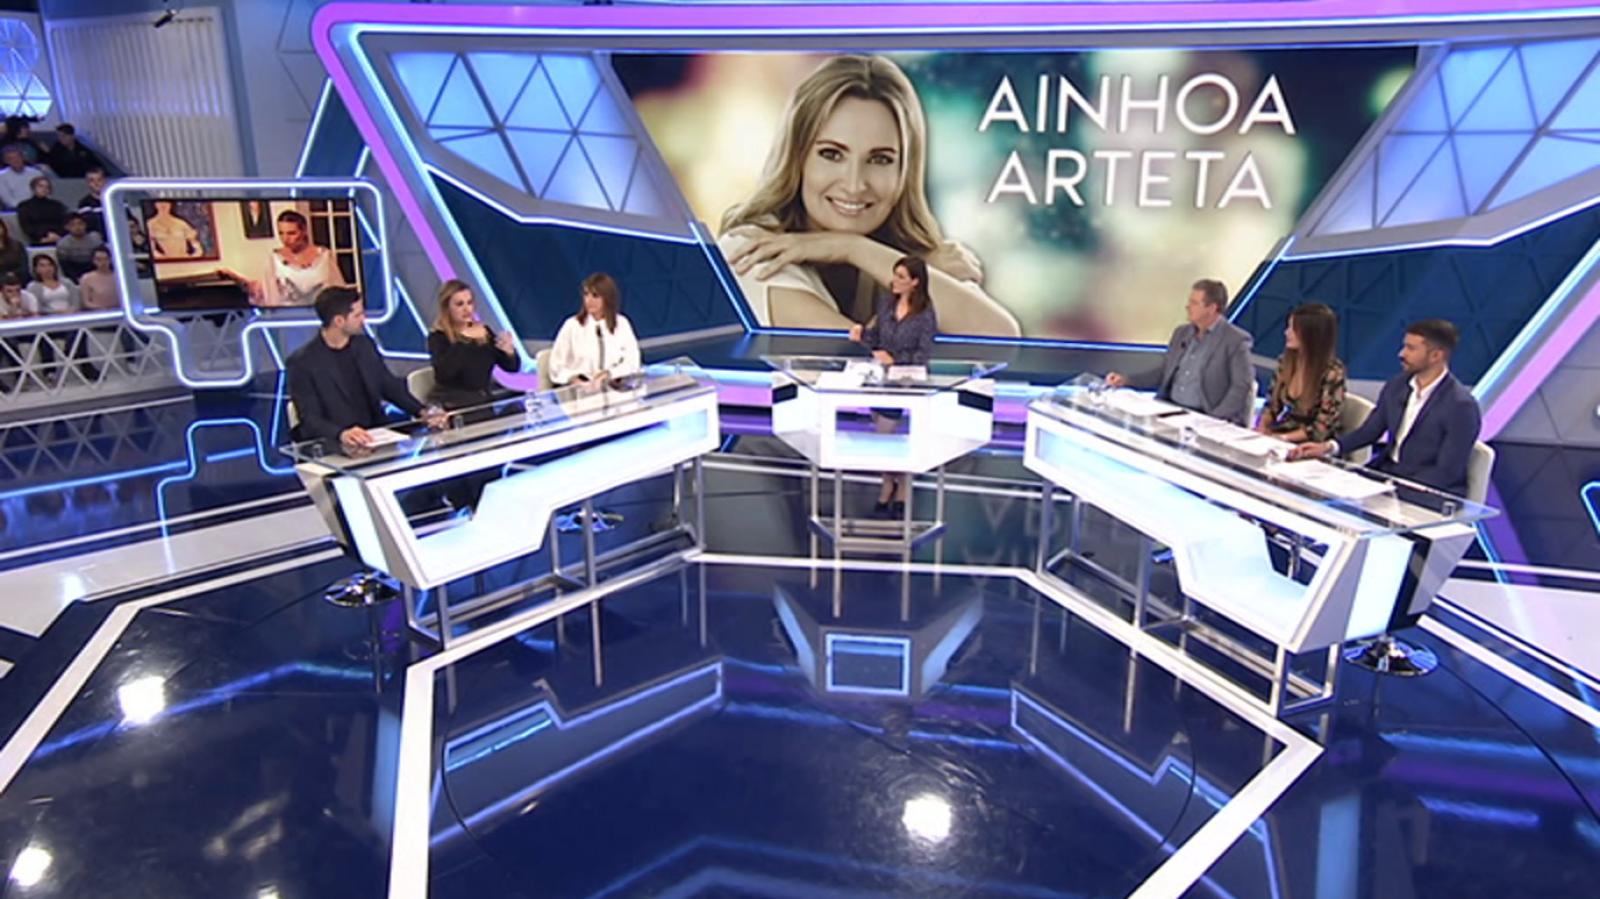 Lo siguiente - Ainhoa Arteta - 27/03/19 - ver ahora